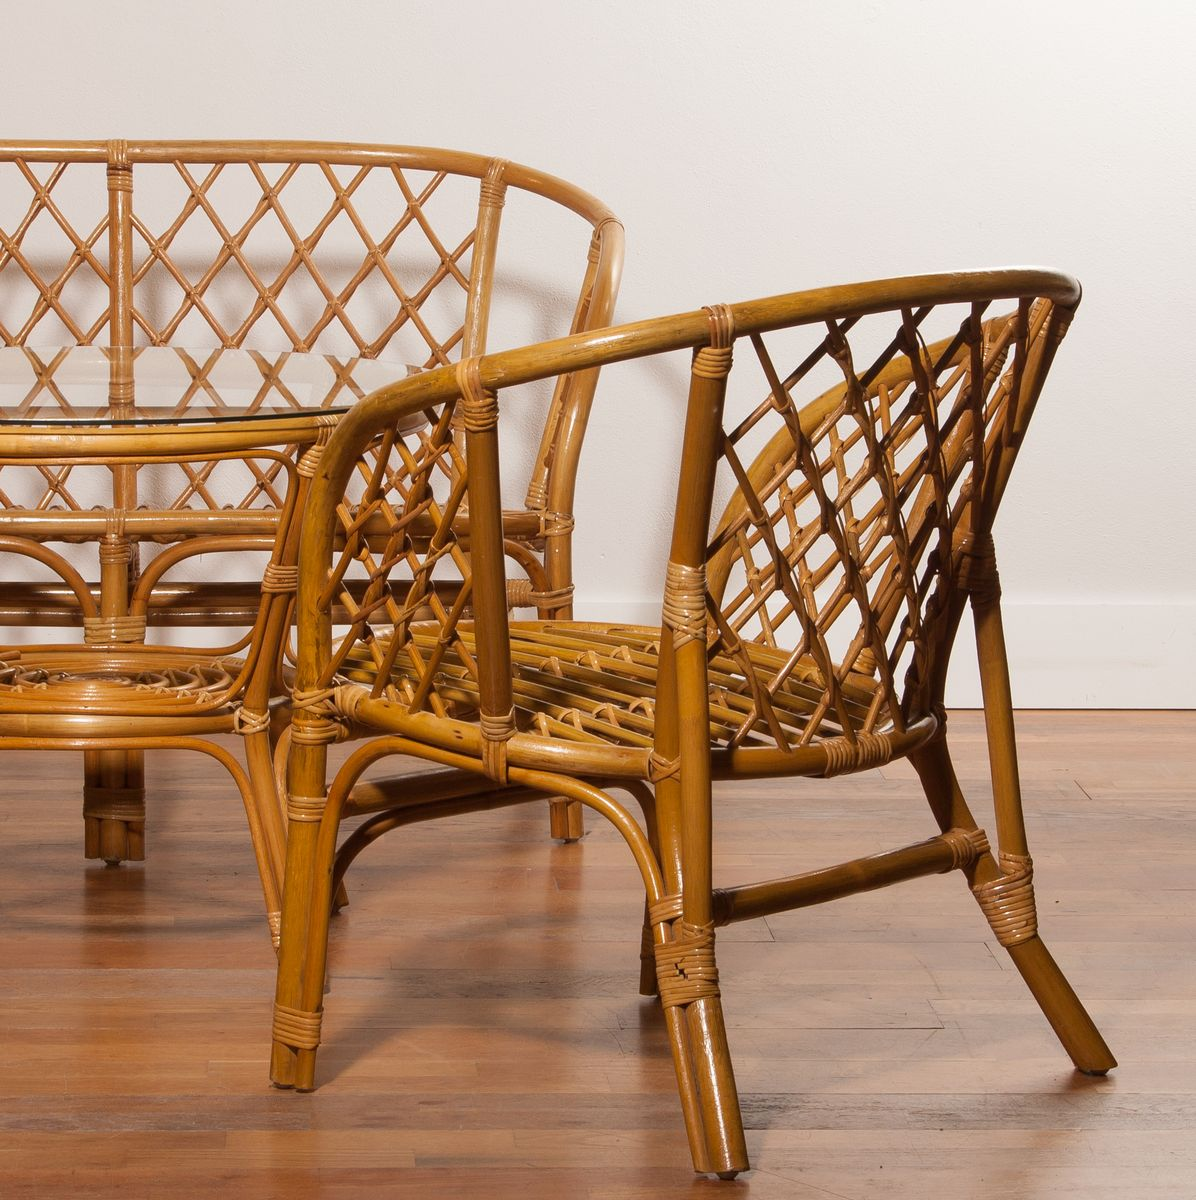 Gartenmöbel aus Bambus und Rattan, 1970er bei Pamono kaufen